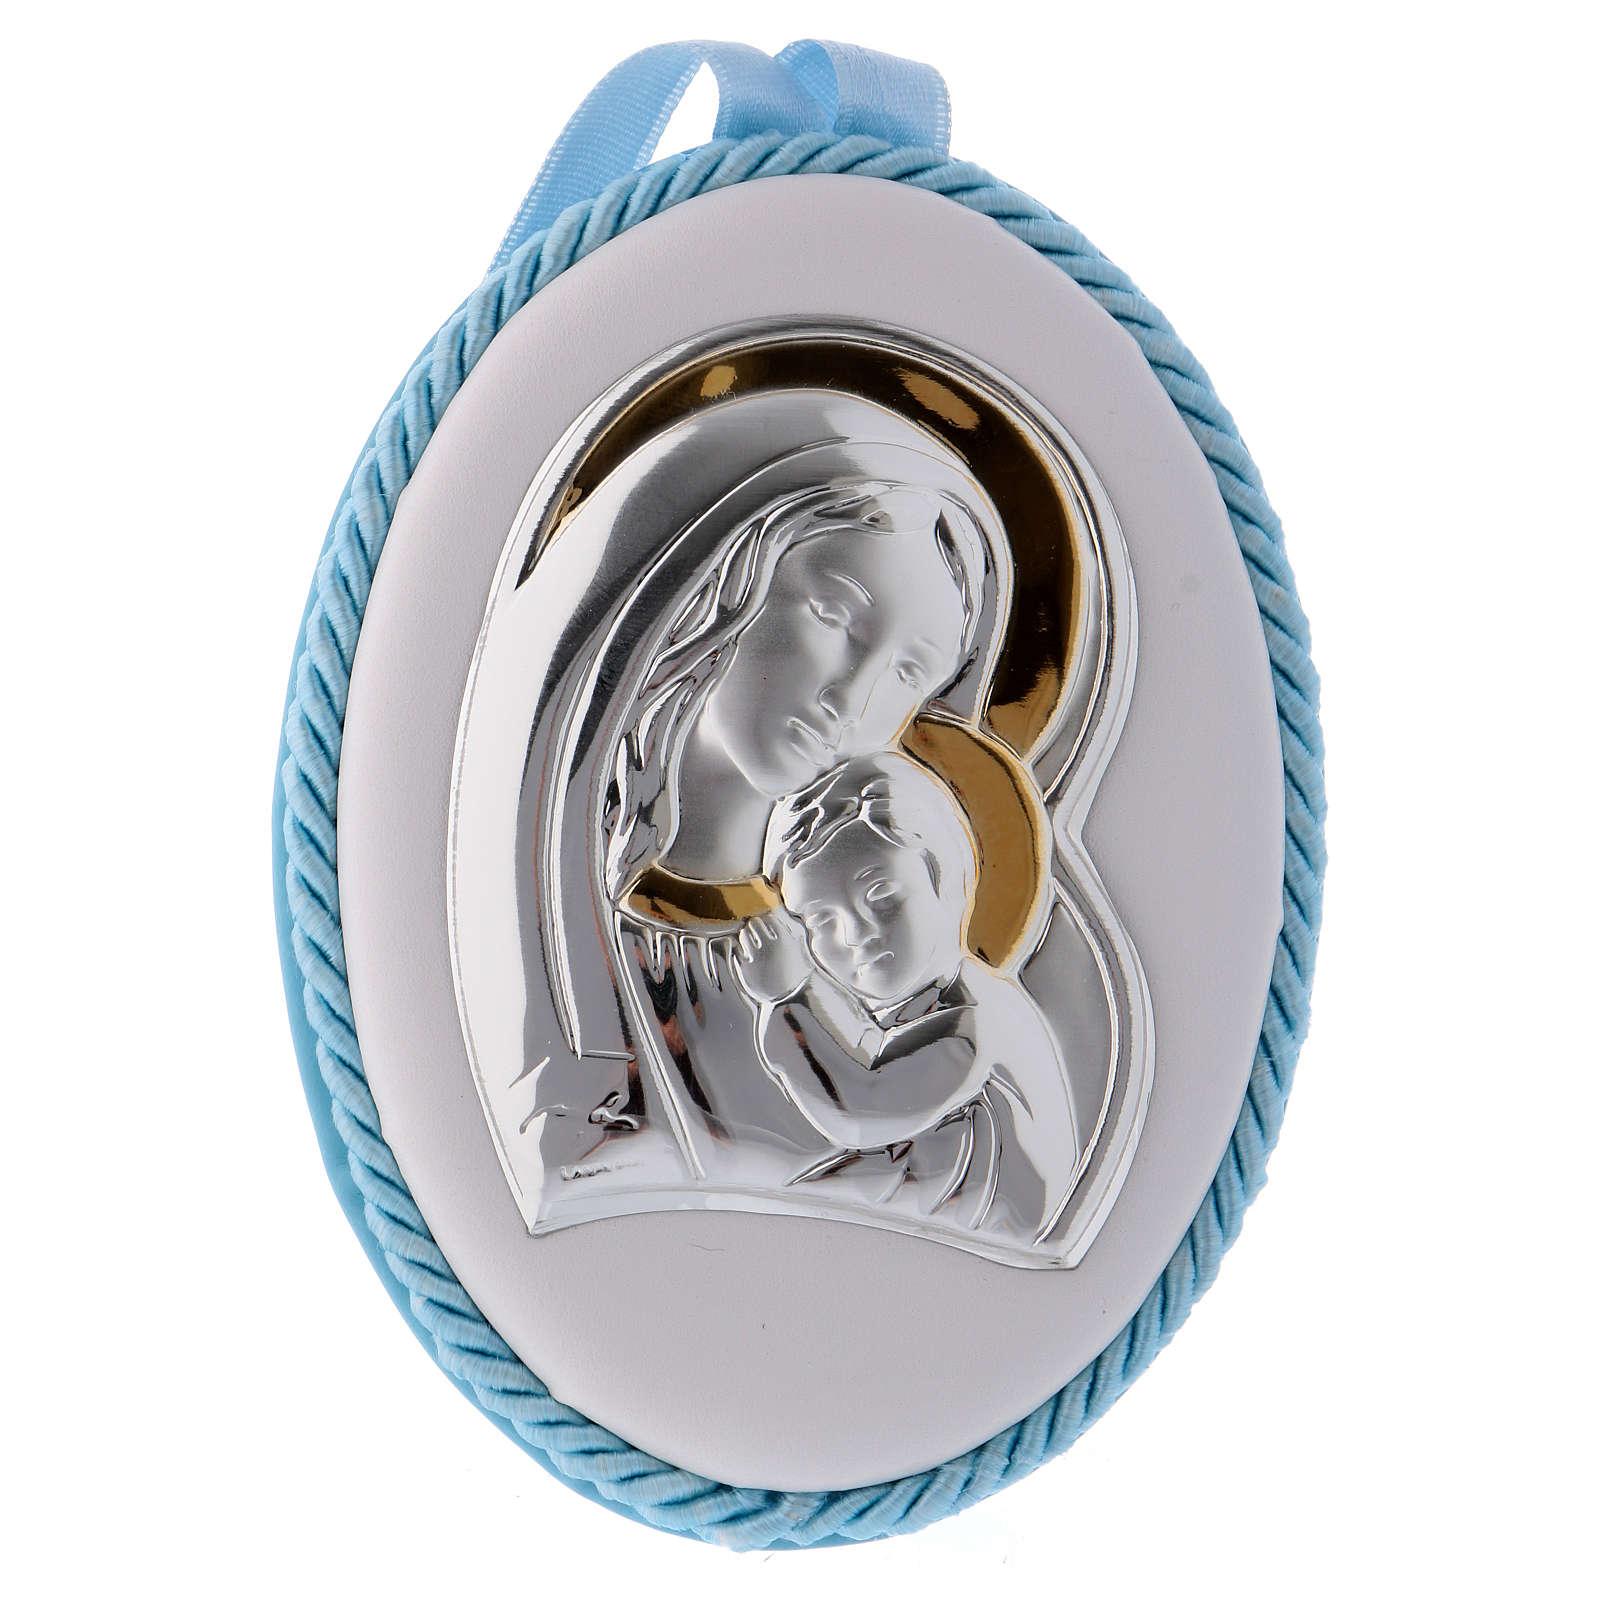 Medalla para cuna azul con Virgen y Niño, carillón 4